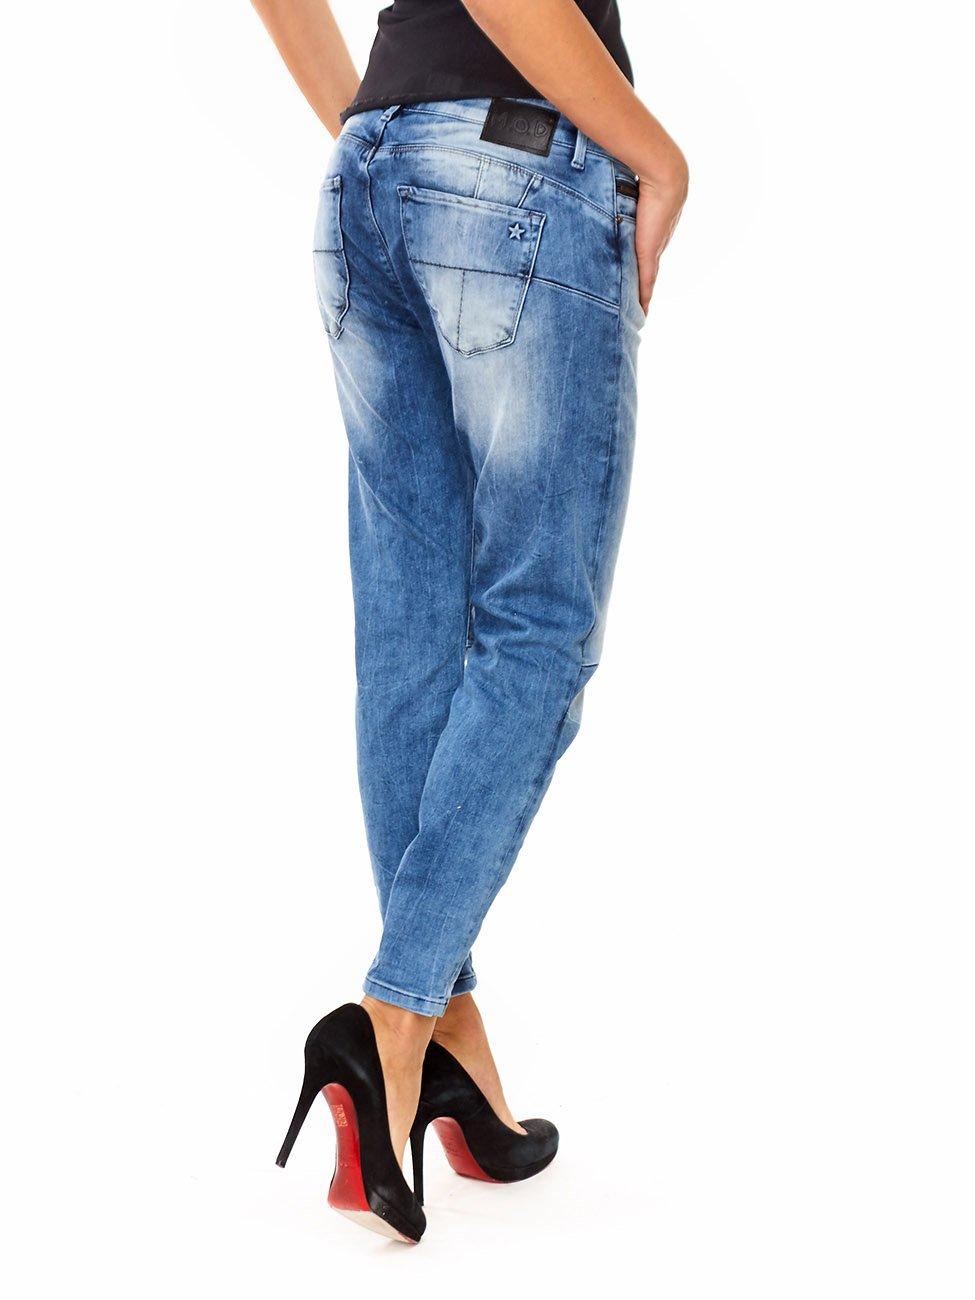 image15-73 | Модные женские джинсы сезона 2018